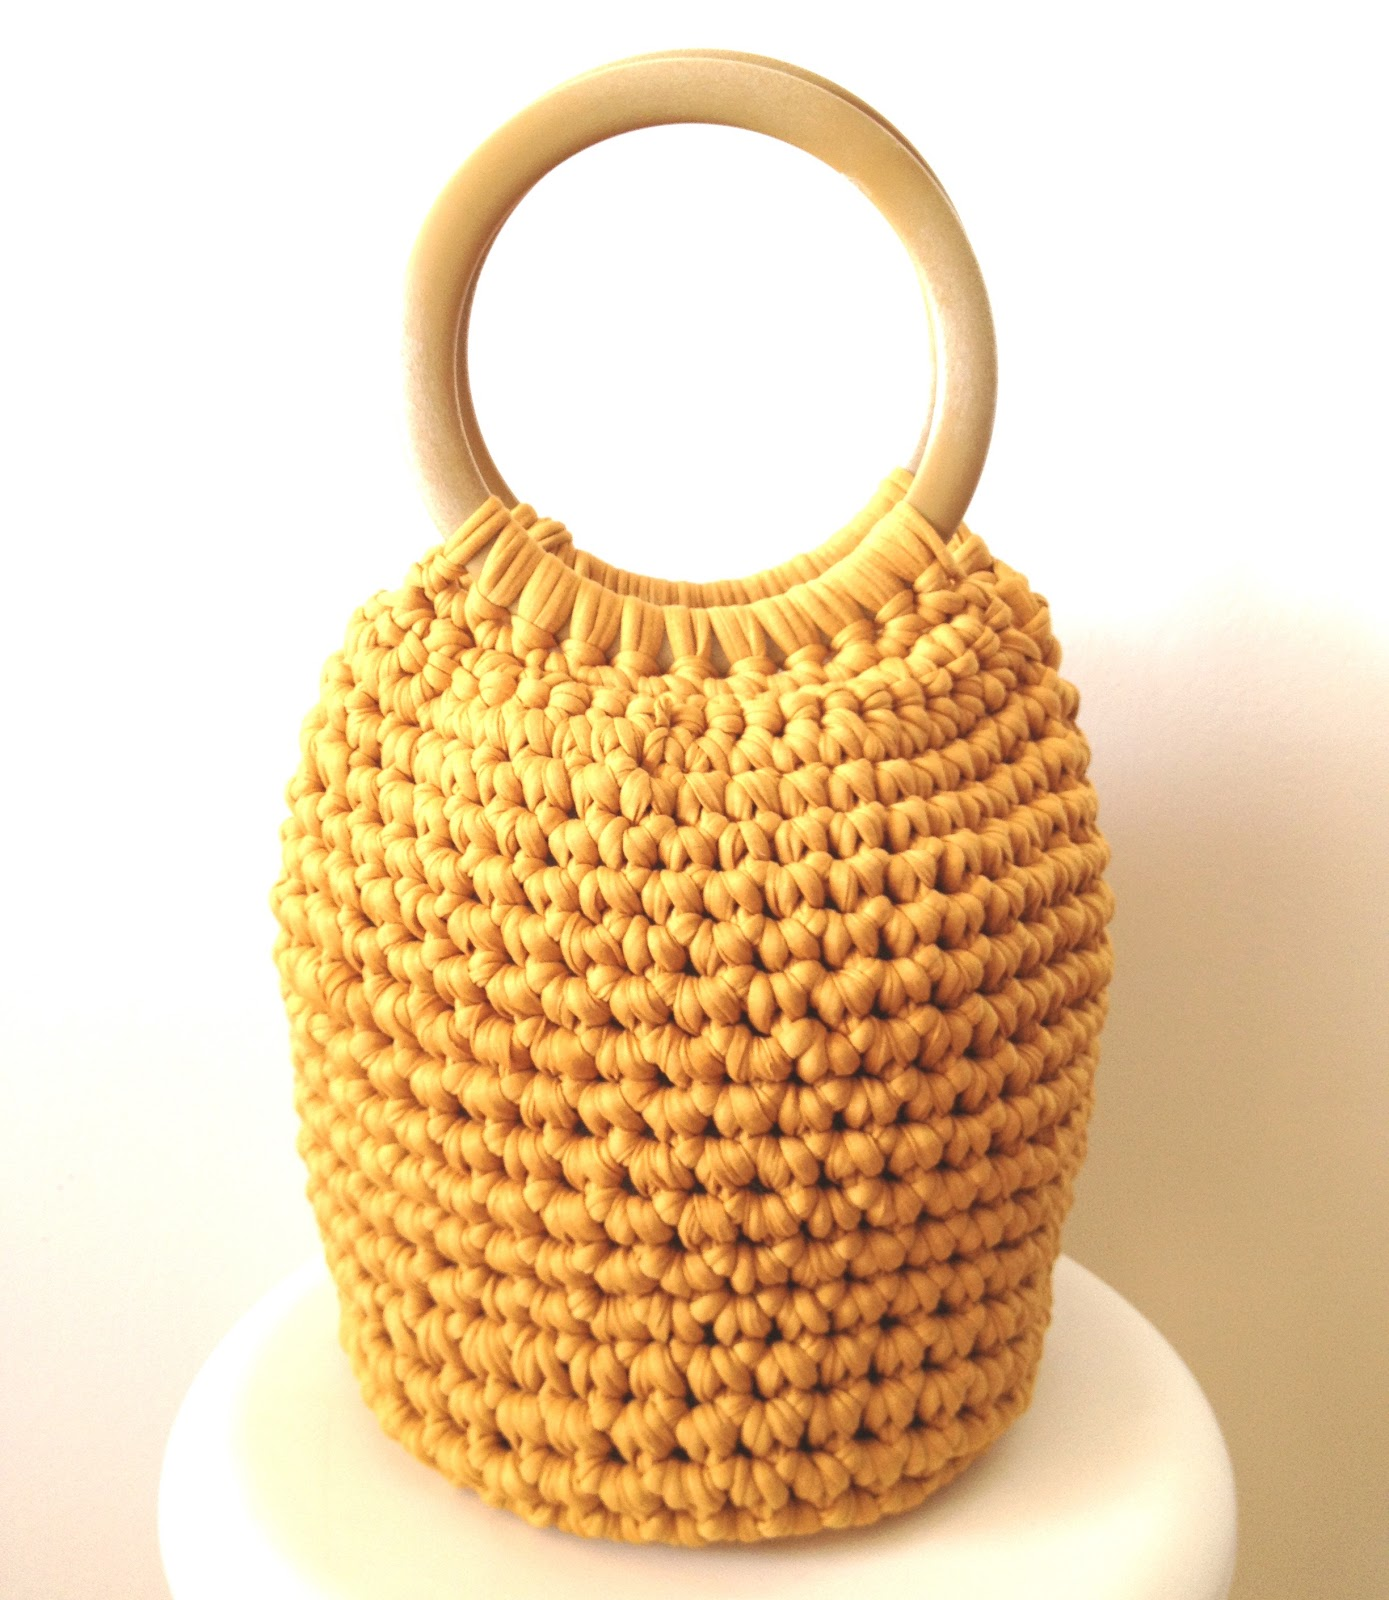 Bolsos de trapillo for Bolsos de crochet de trapillo